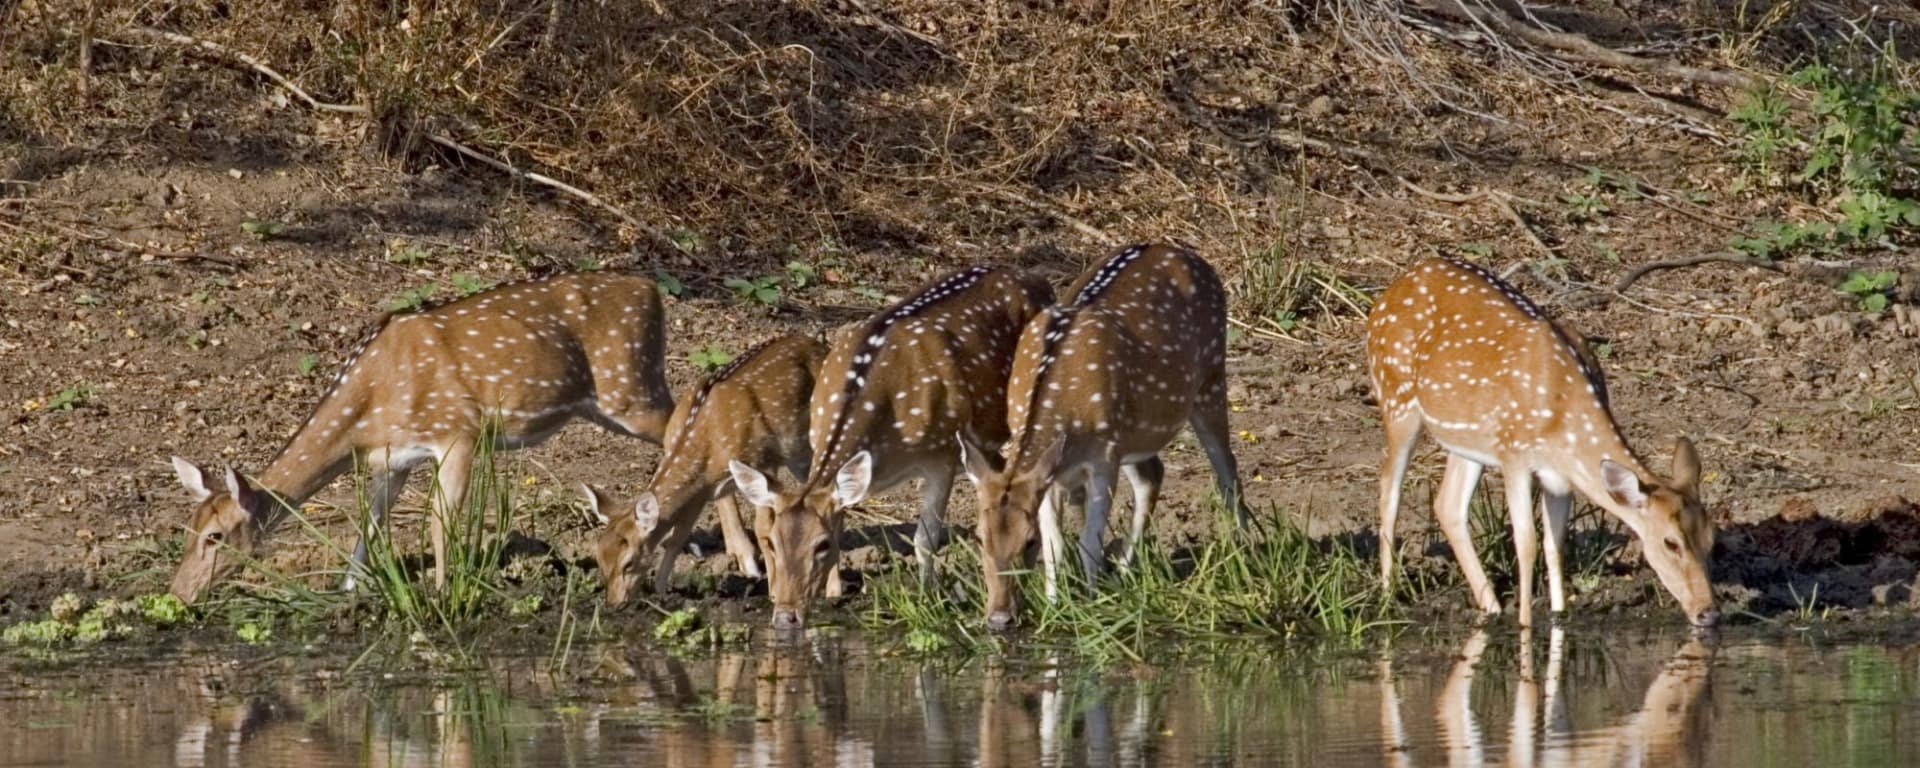 Taj Mahal & Tiger Safaris ab Delhi: Kanha National Park: Spotted Deers